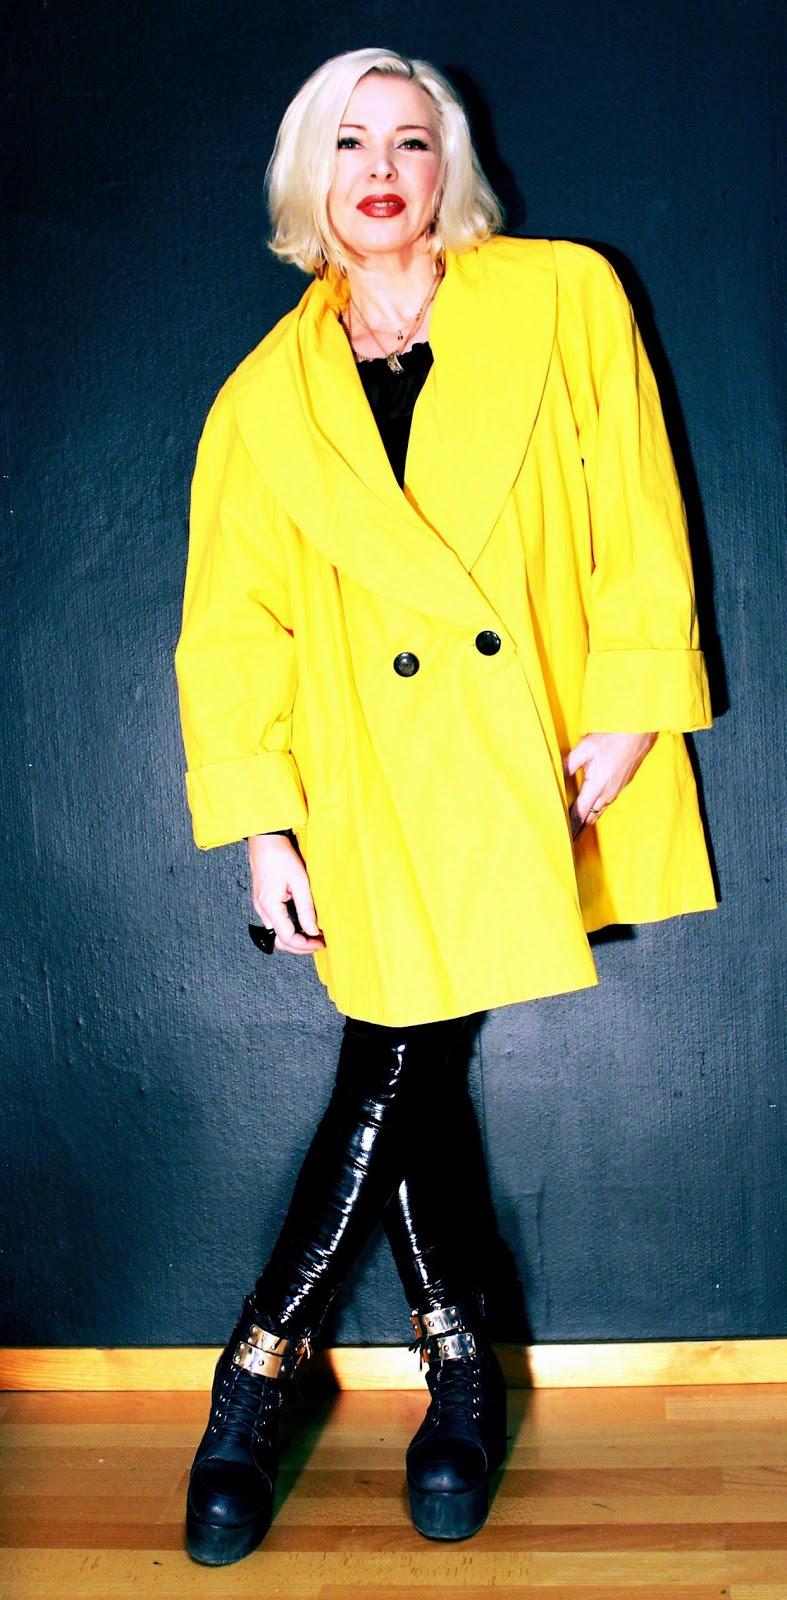 4a9fb3940bf Denna gula kappa hänger fortfarande i min garderob - för evigt. Den är på  något sätt symbol för friheten, från tiden då man äntligen fick uttrycka  sig!!